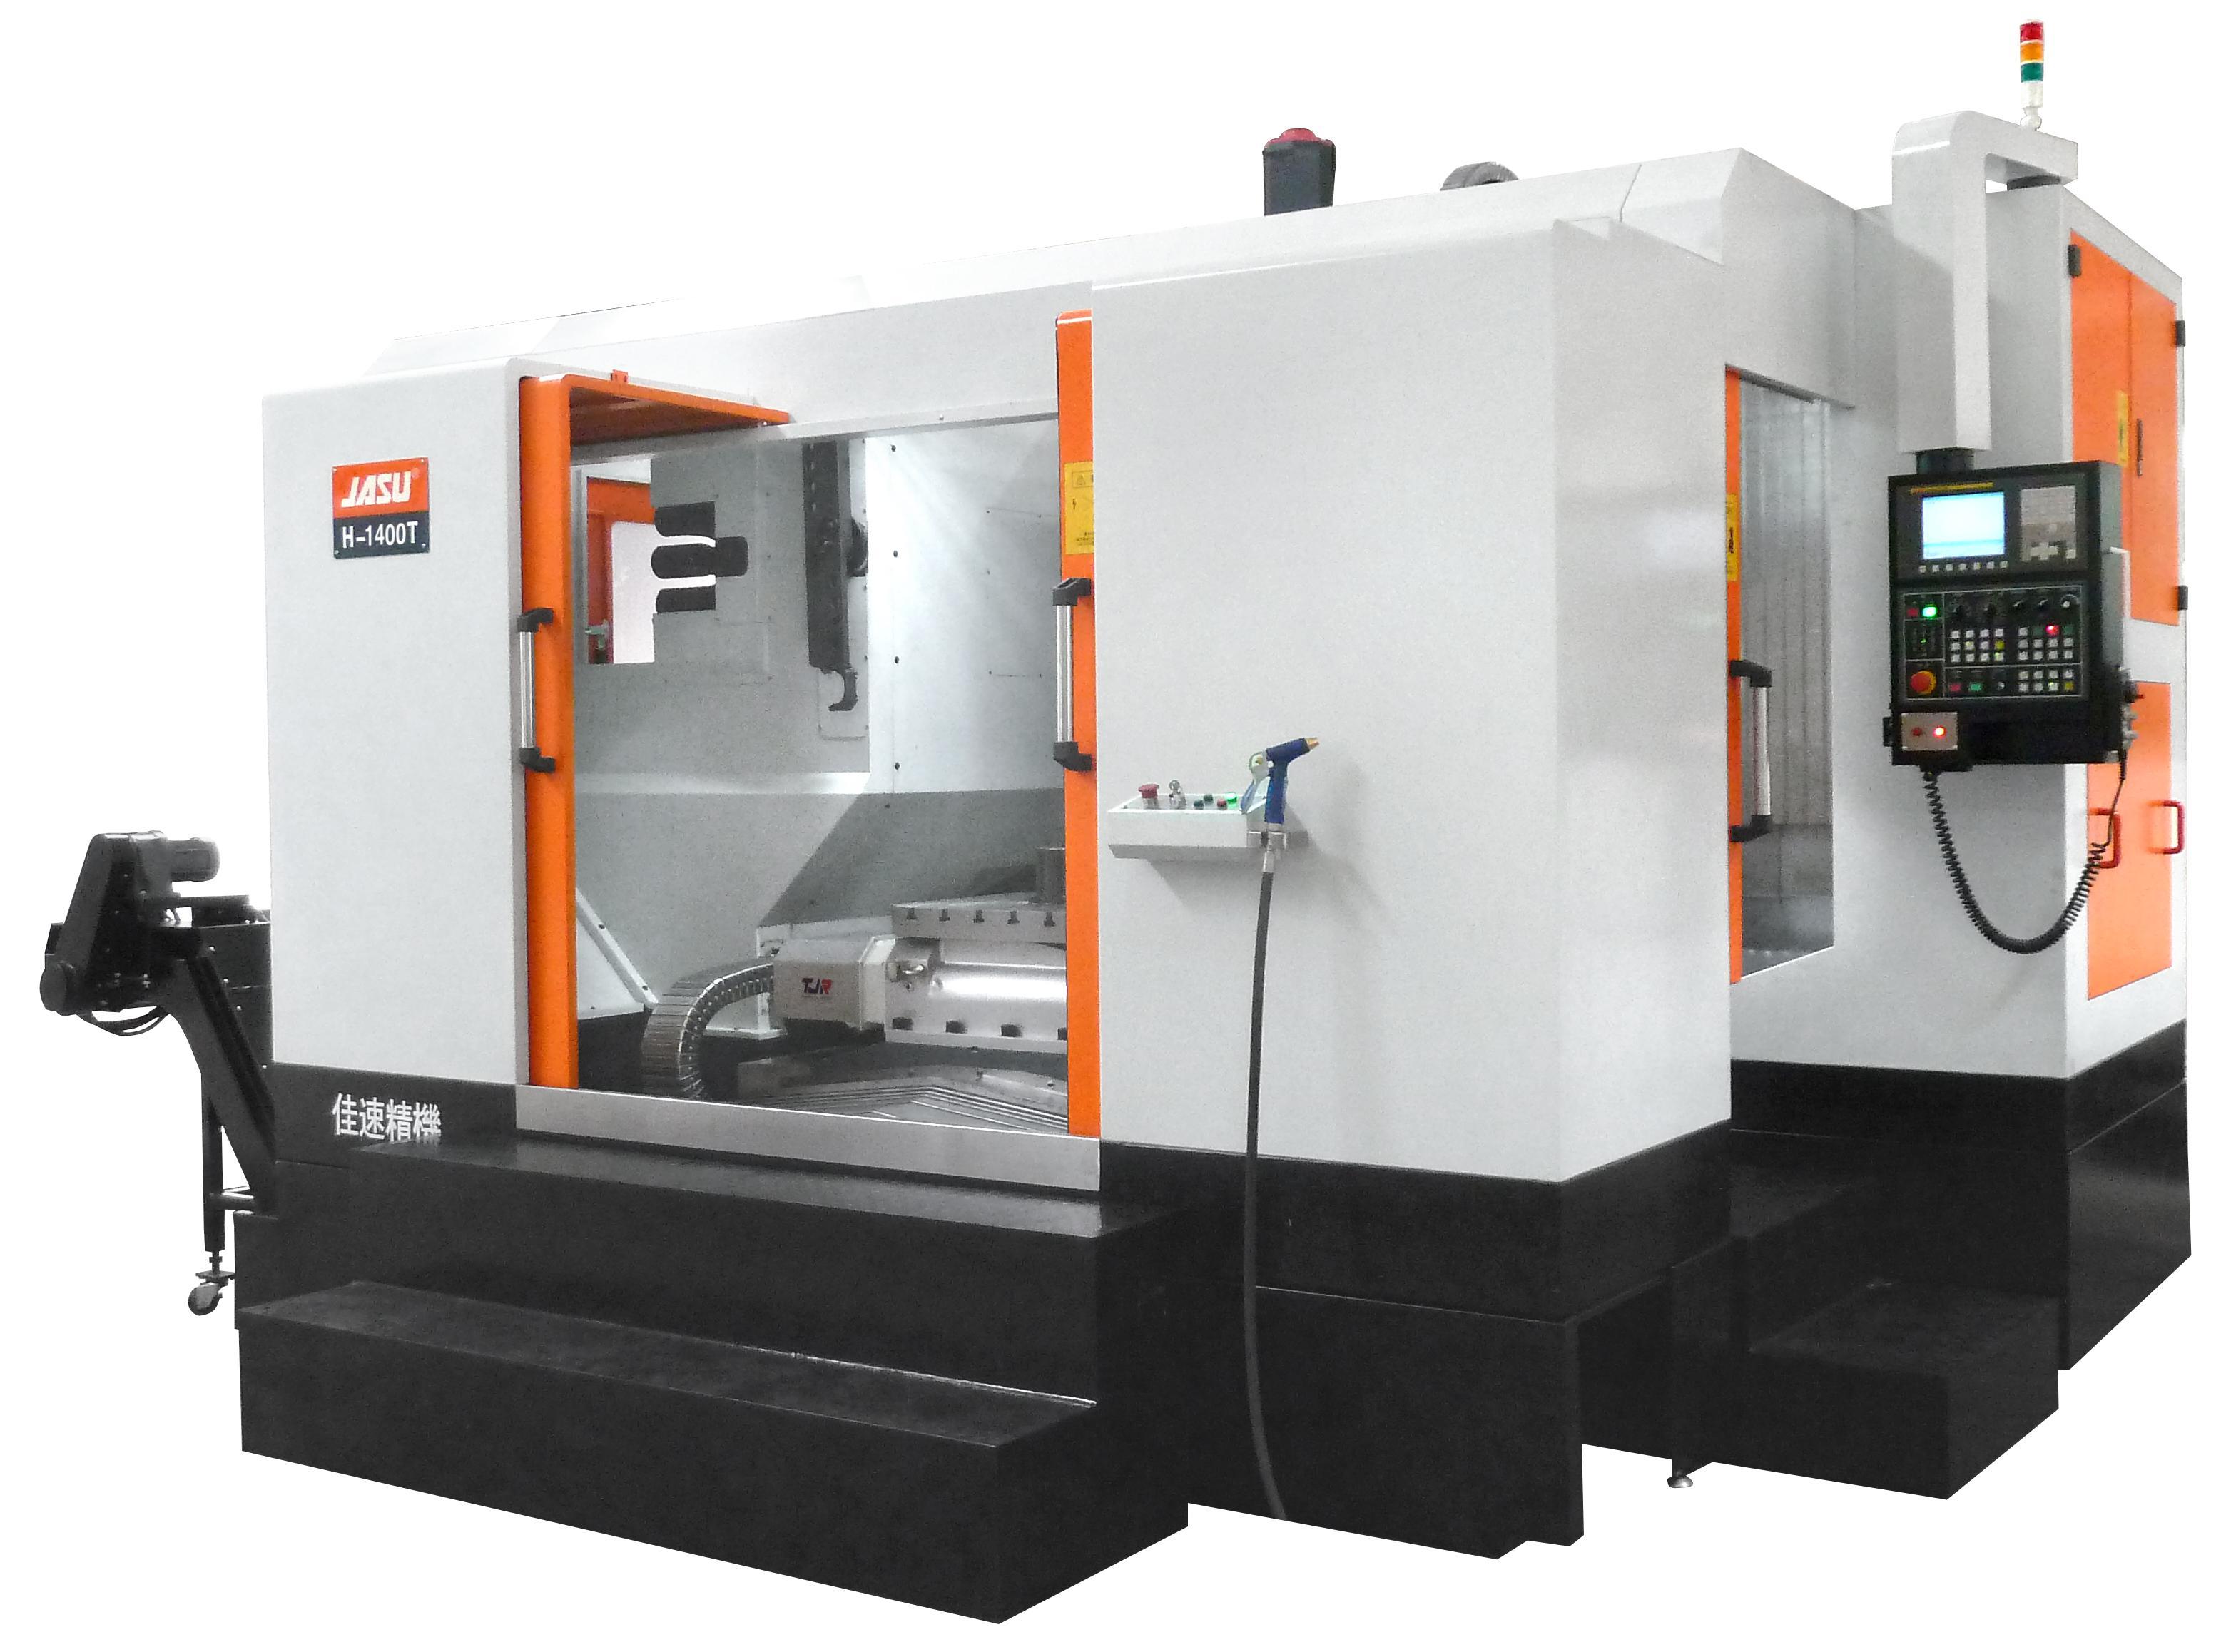 H-2400T Horizontal Boring Milling Machining Center